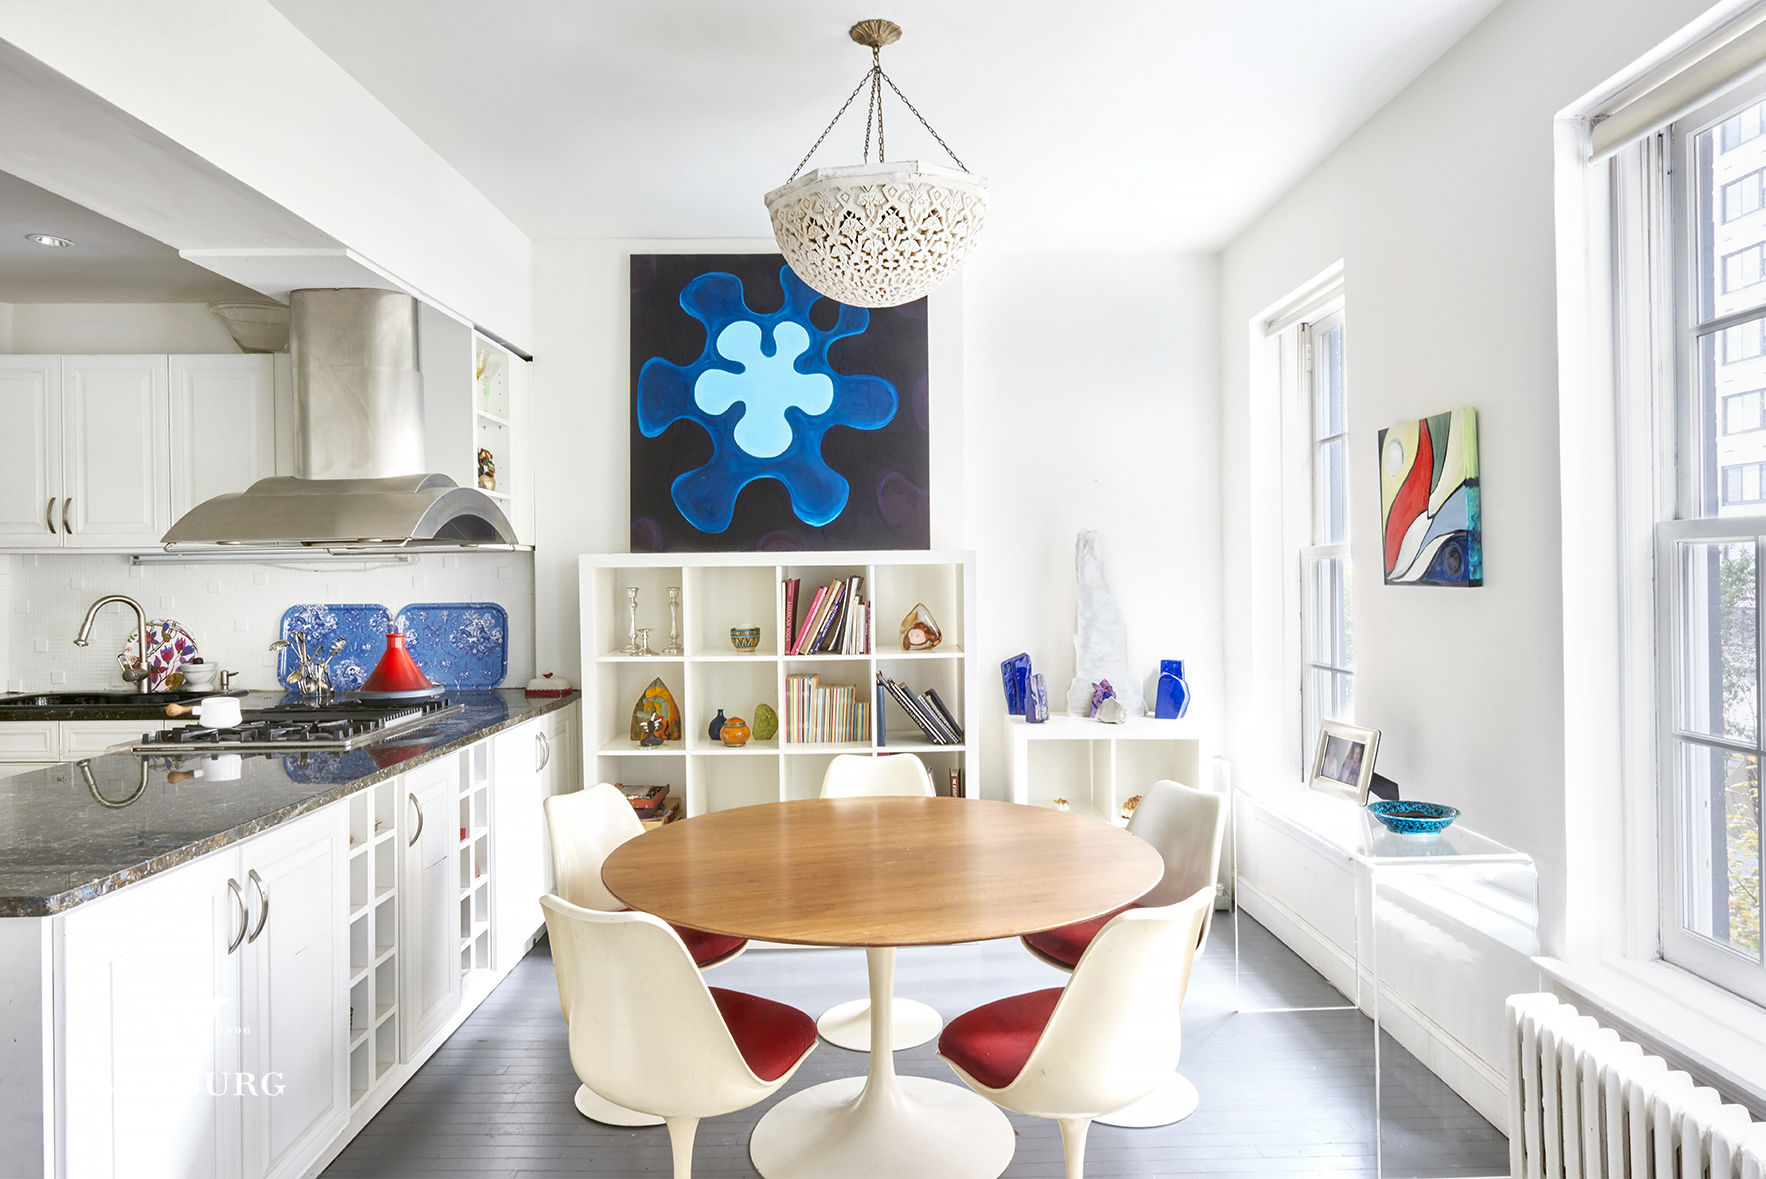 $1.4M mod duplex is part of a rare Upper East Side enclave   6sqft